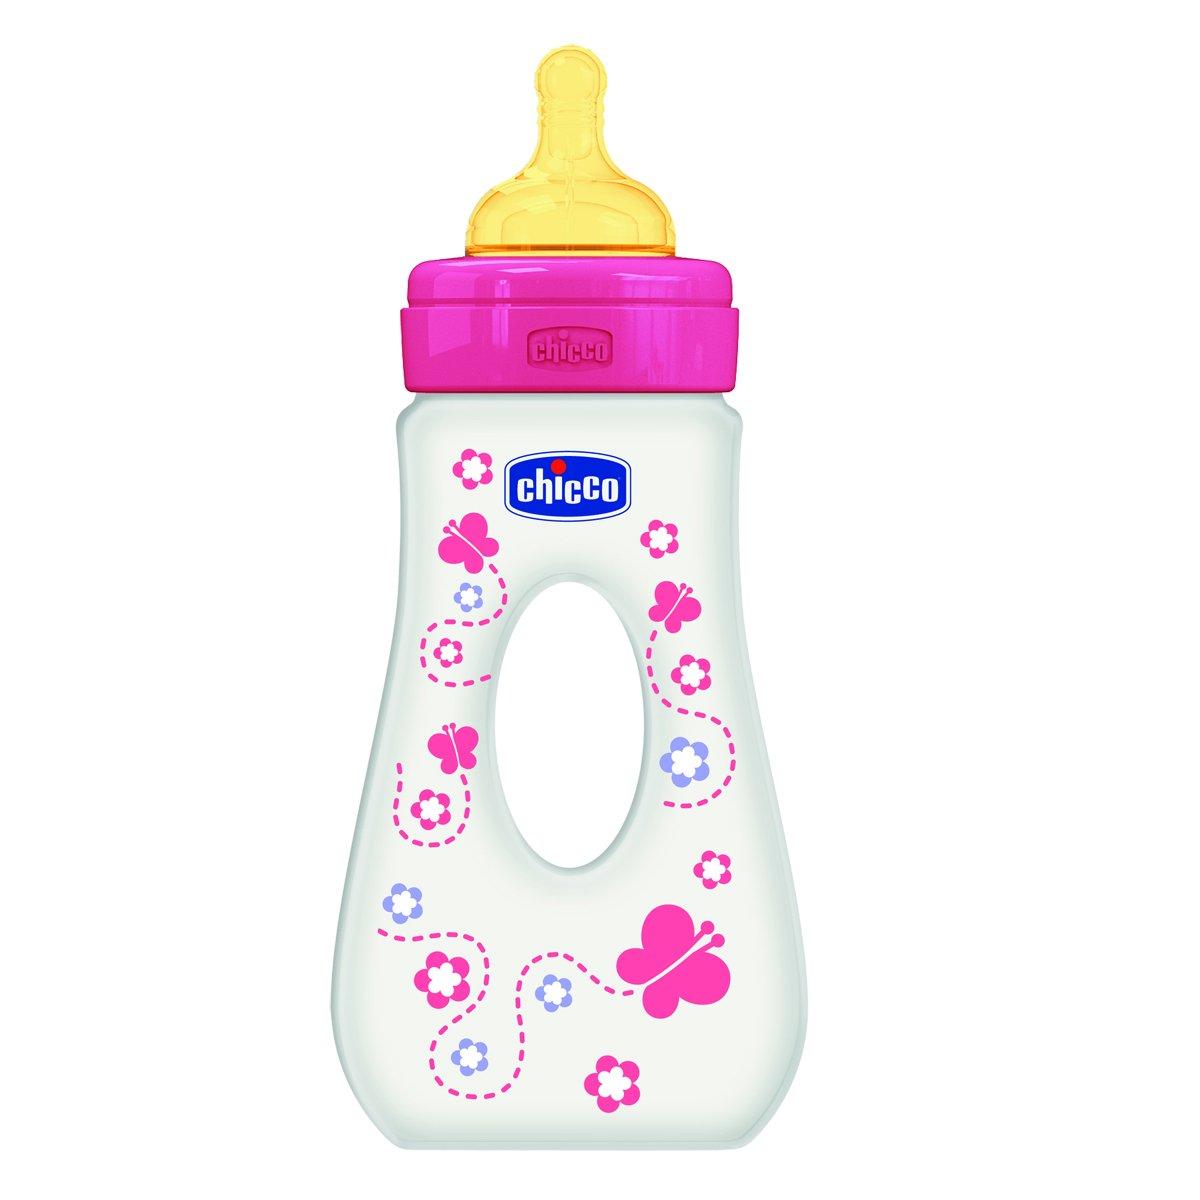 Chicco Wellbeing 240 ml Biber/ón de paseo con tetina de l/átex y flujo r/ápido para beb/é de 4 meses en adelante rosa